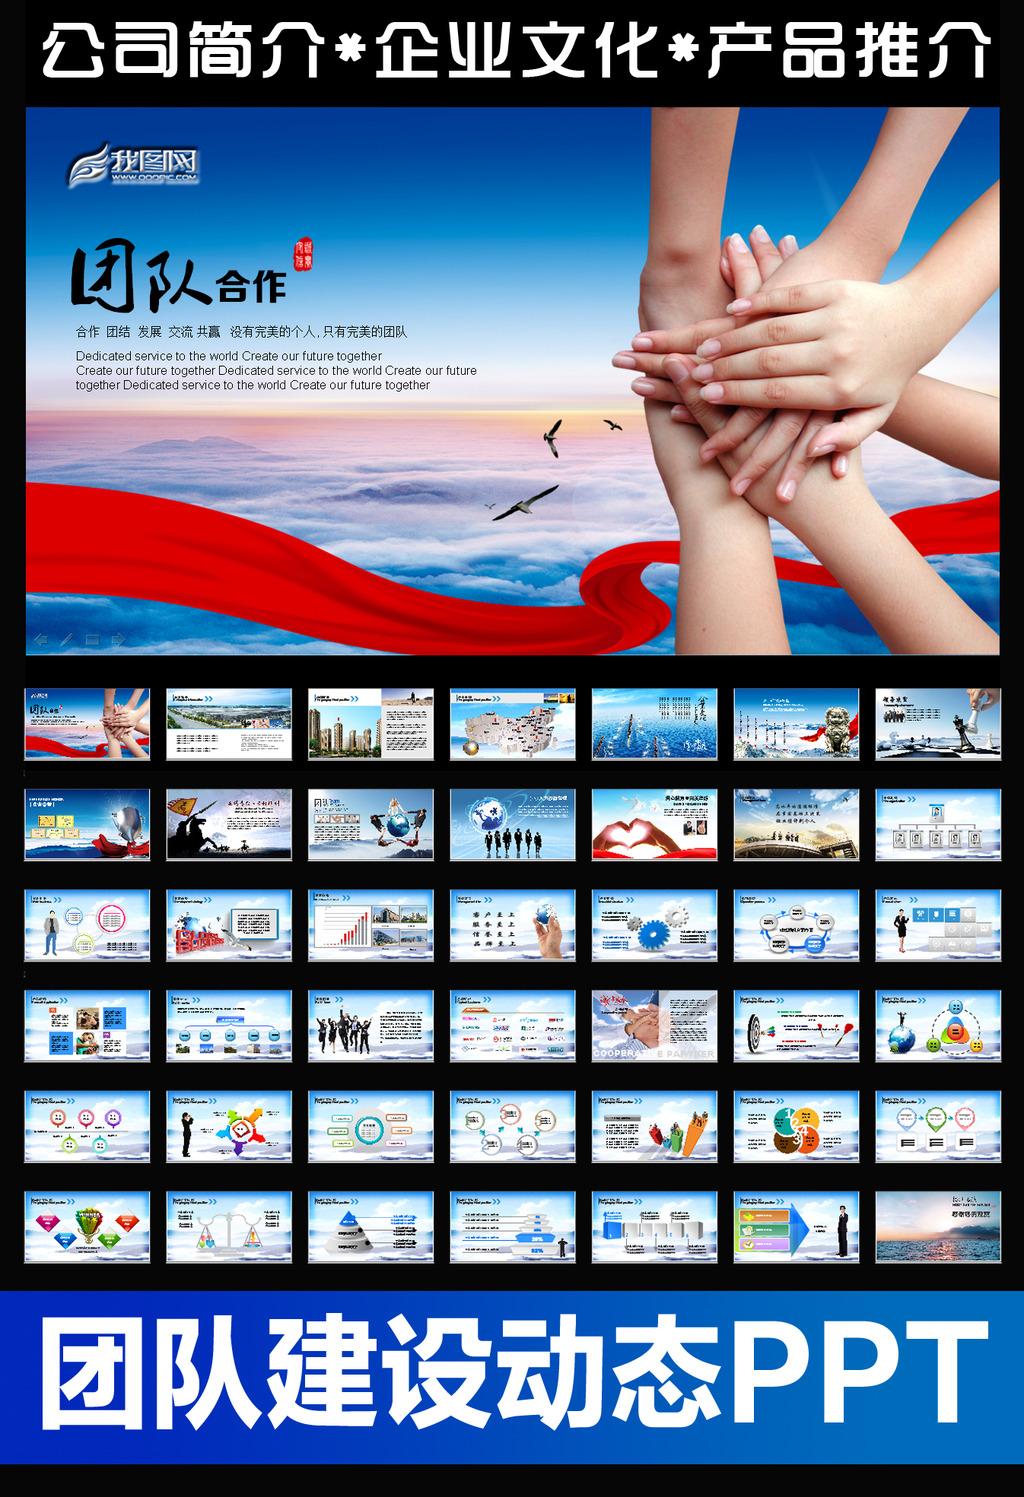 团队合作企业文化公司简介动态ppt模板模板下载